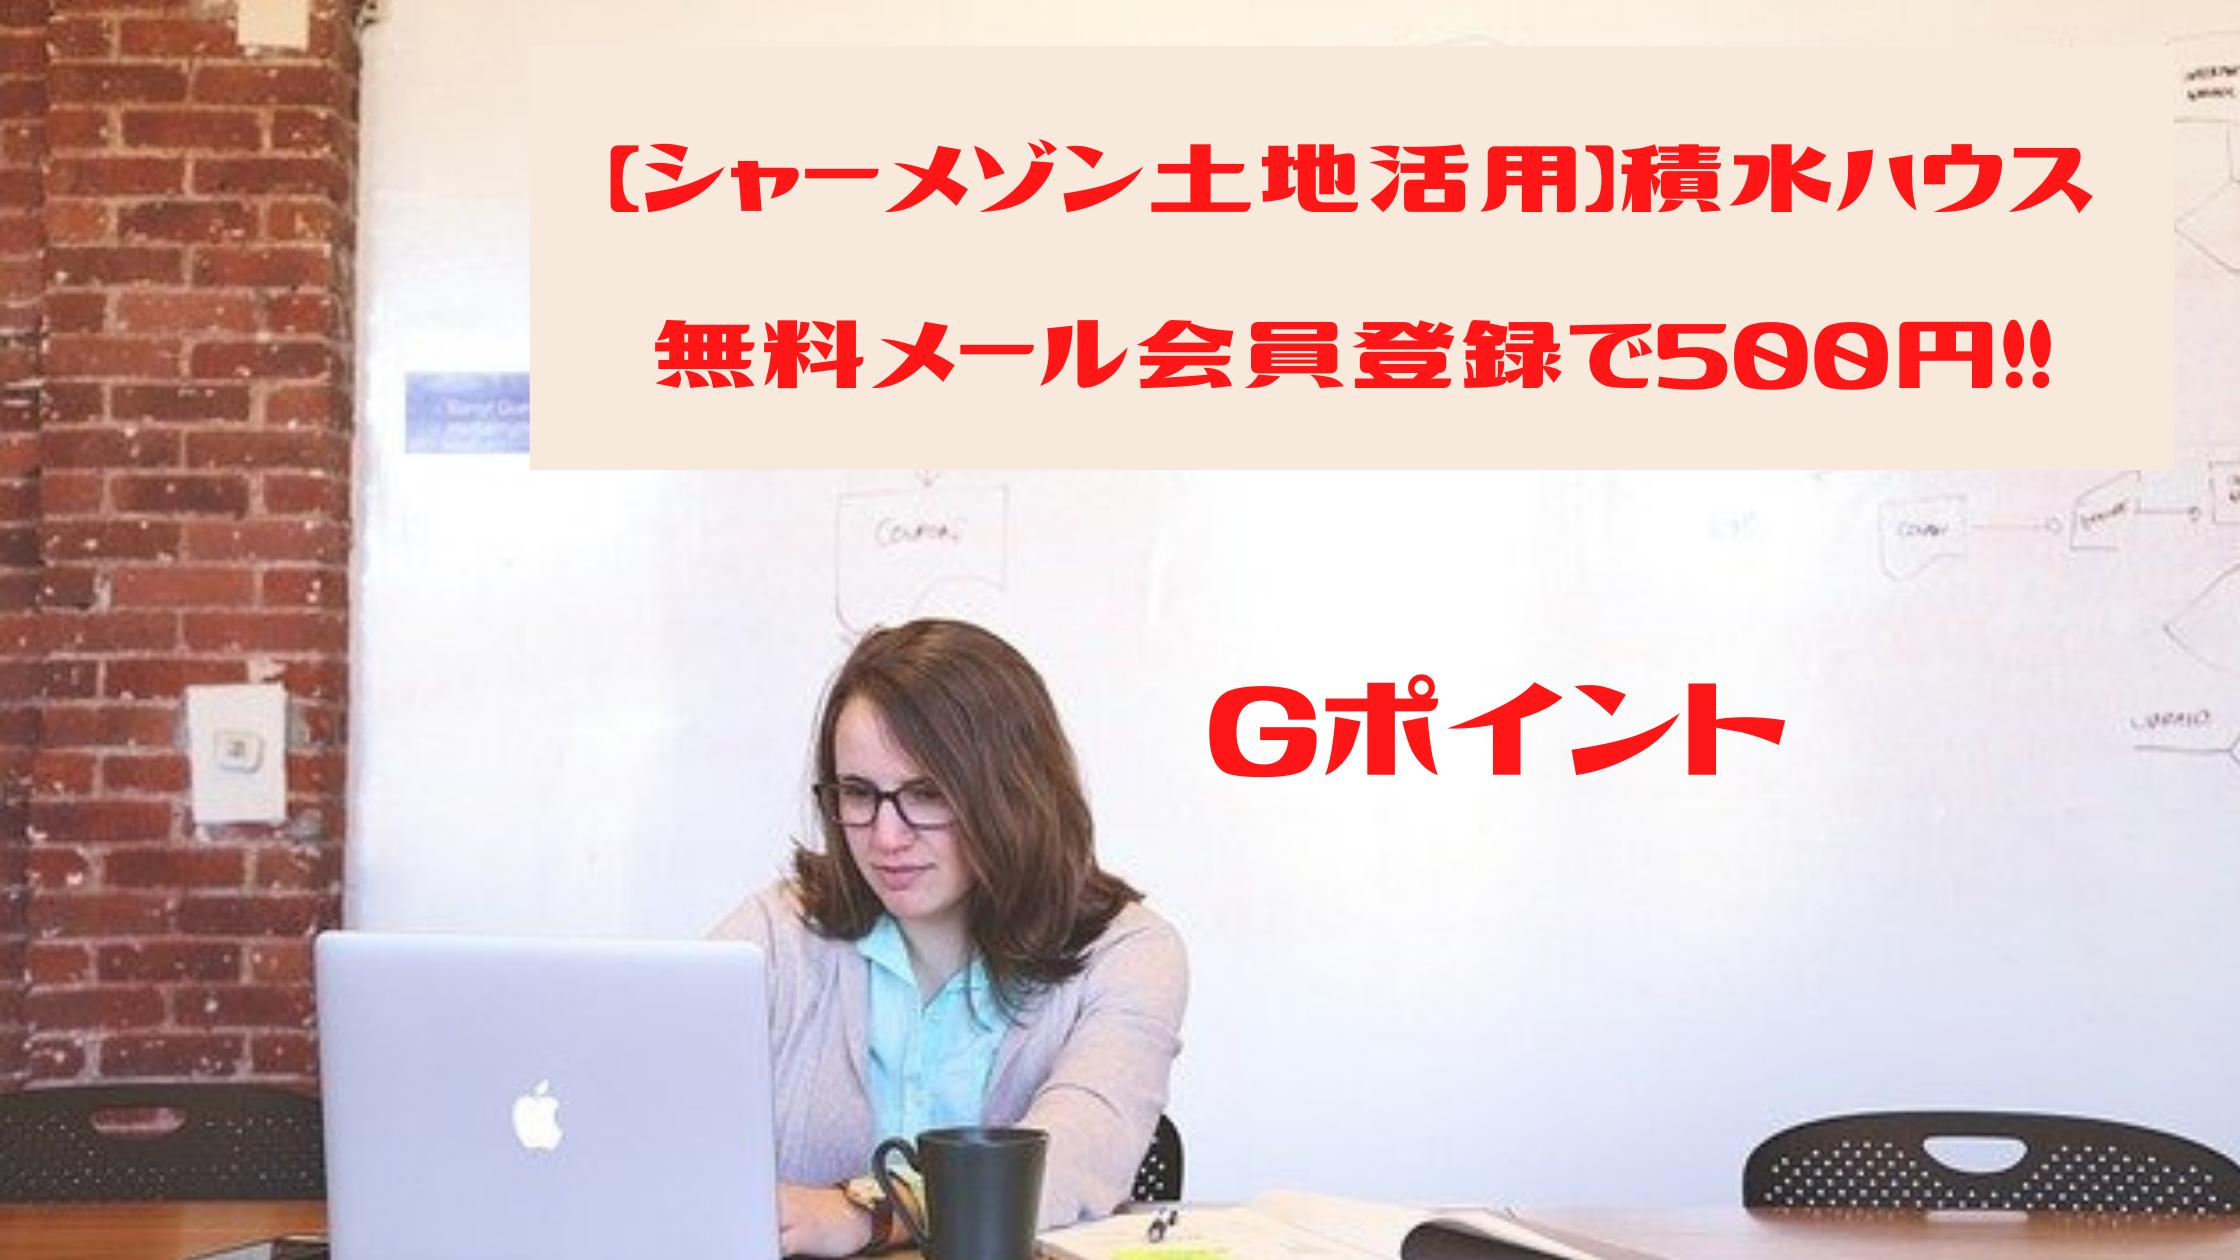 Gポイント シャーメゾン土地活用、メール会員登録で500円稼げる!急いで